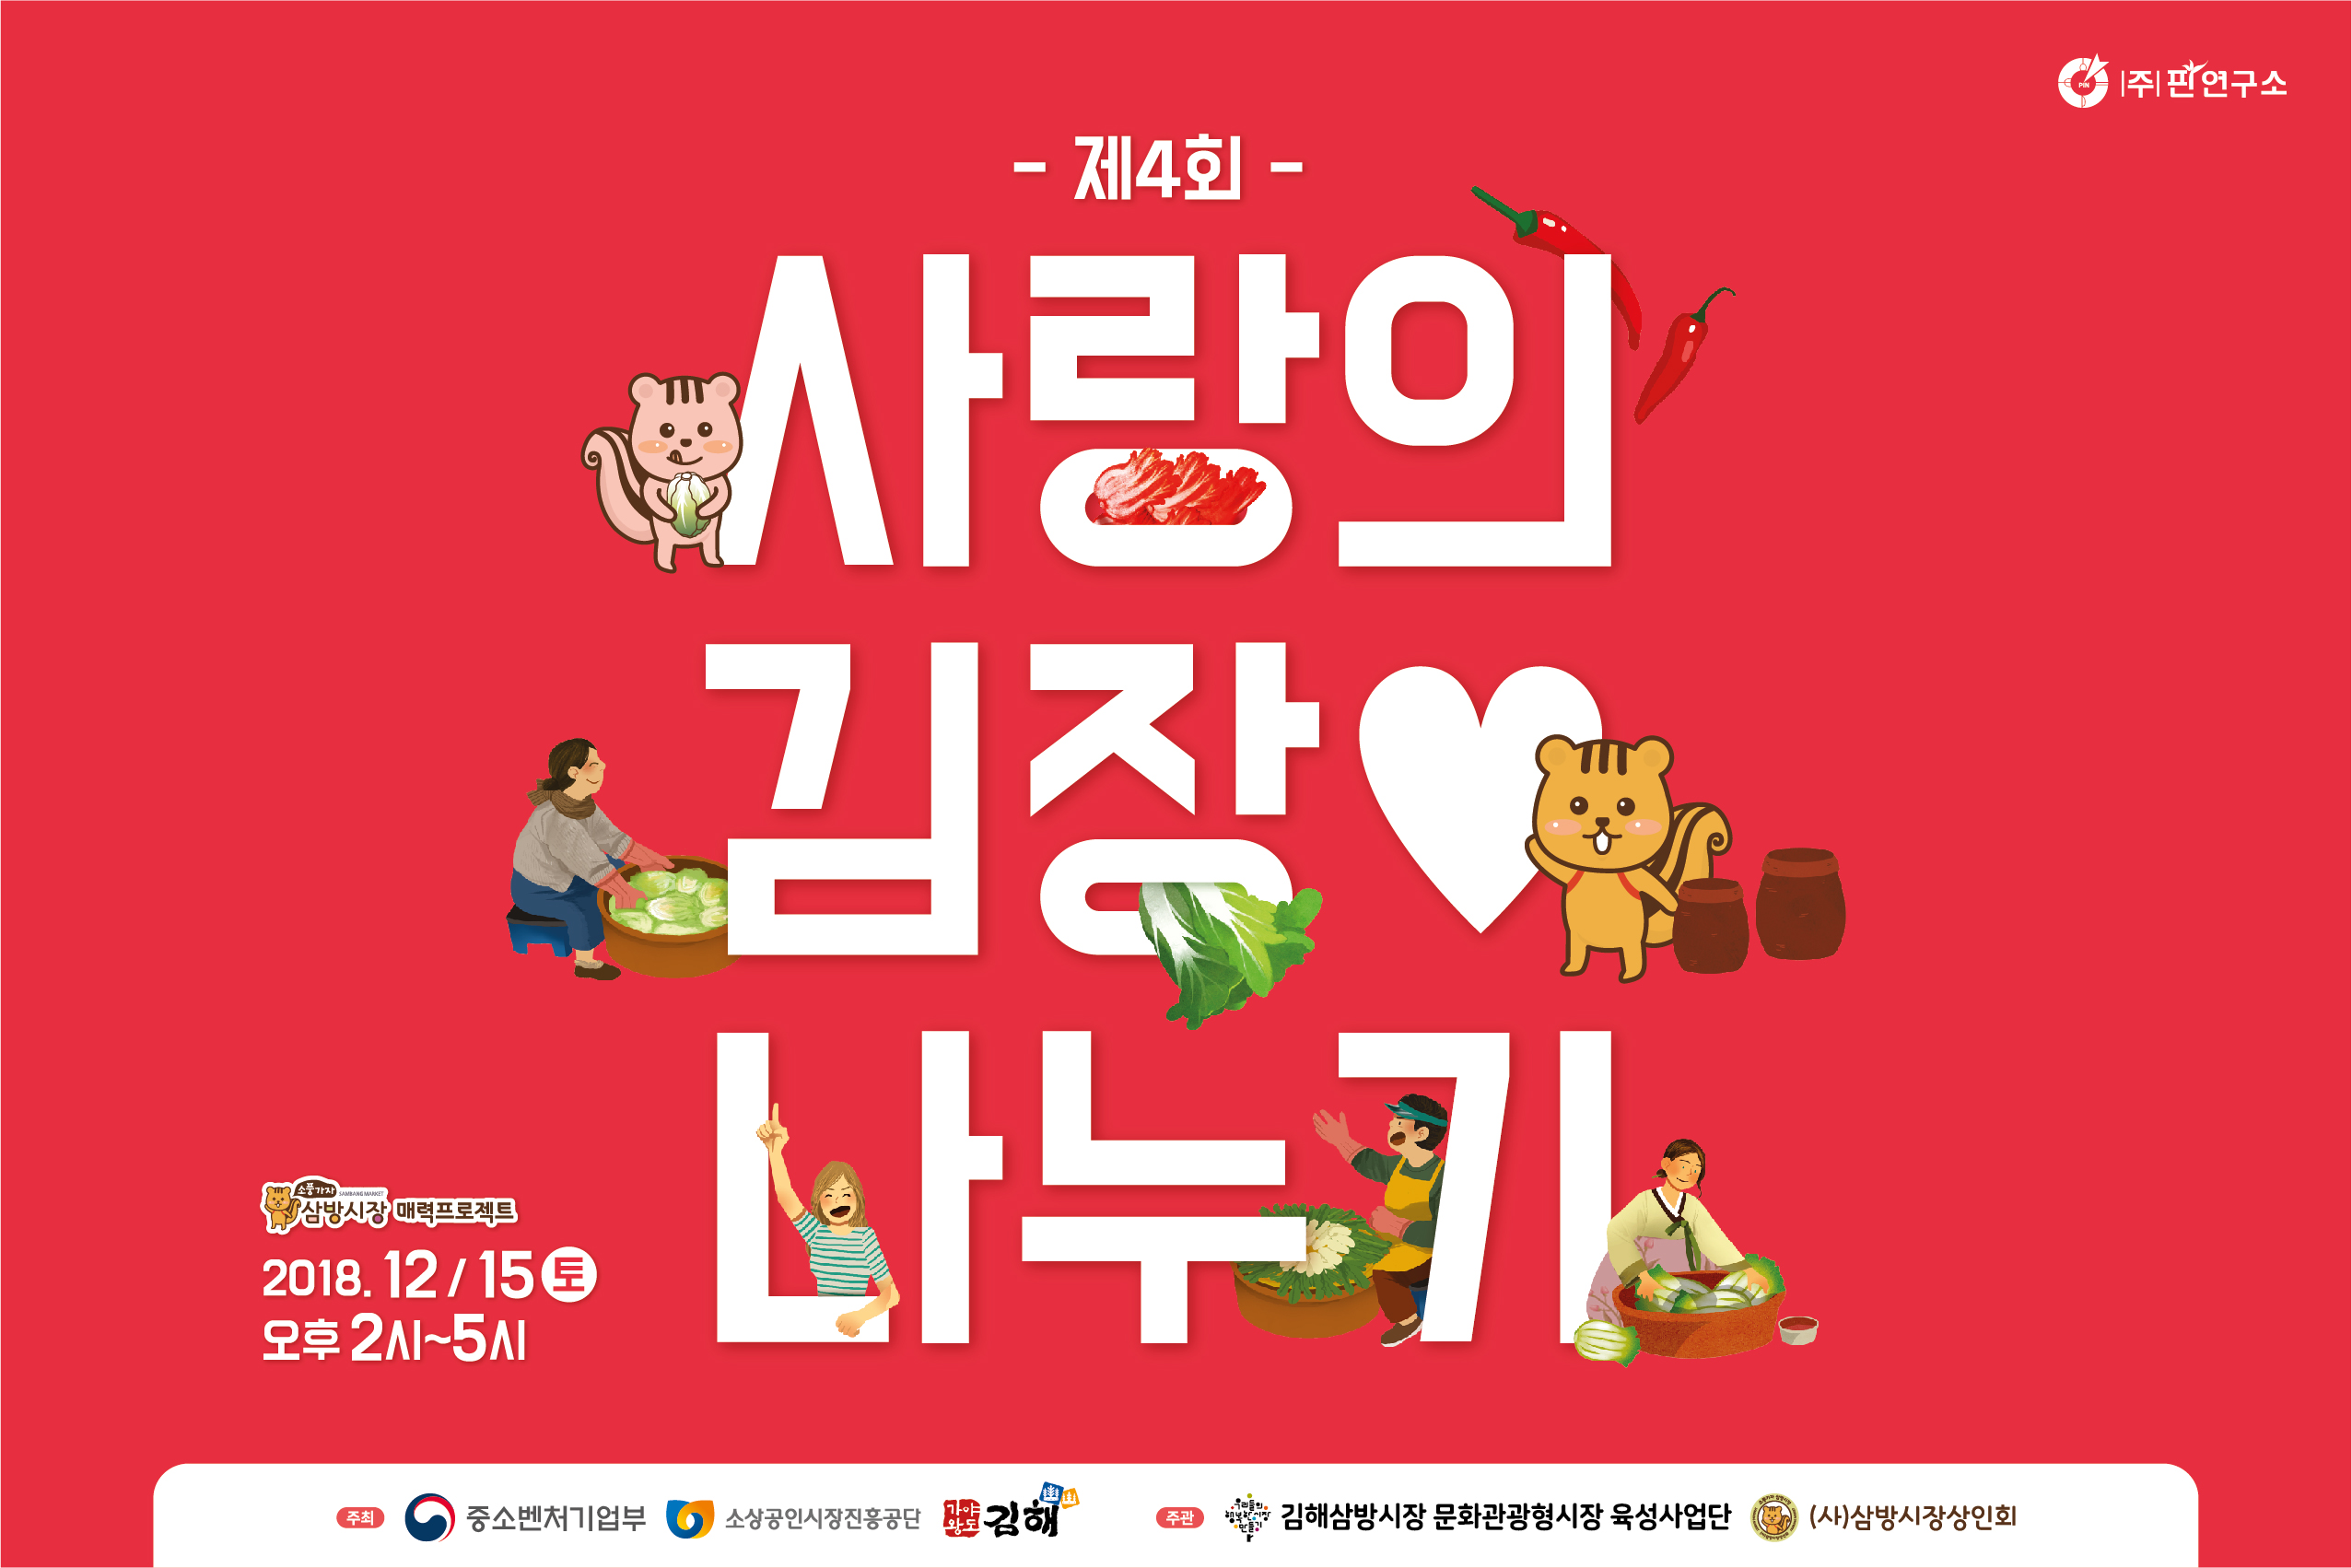 김해삼방시장_김장축제_페이스북_카드_Artboard 1.jpg